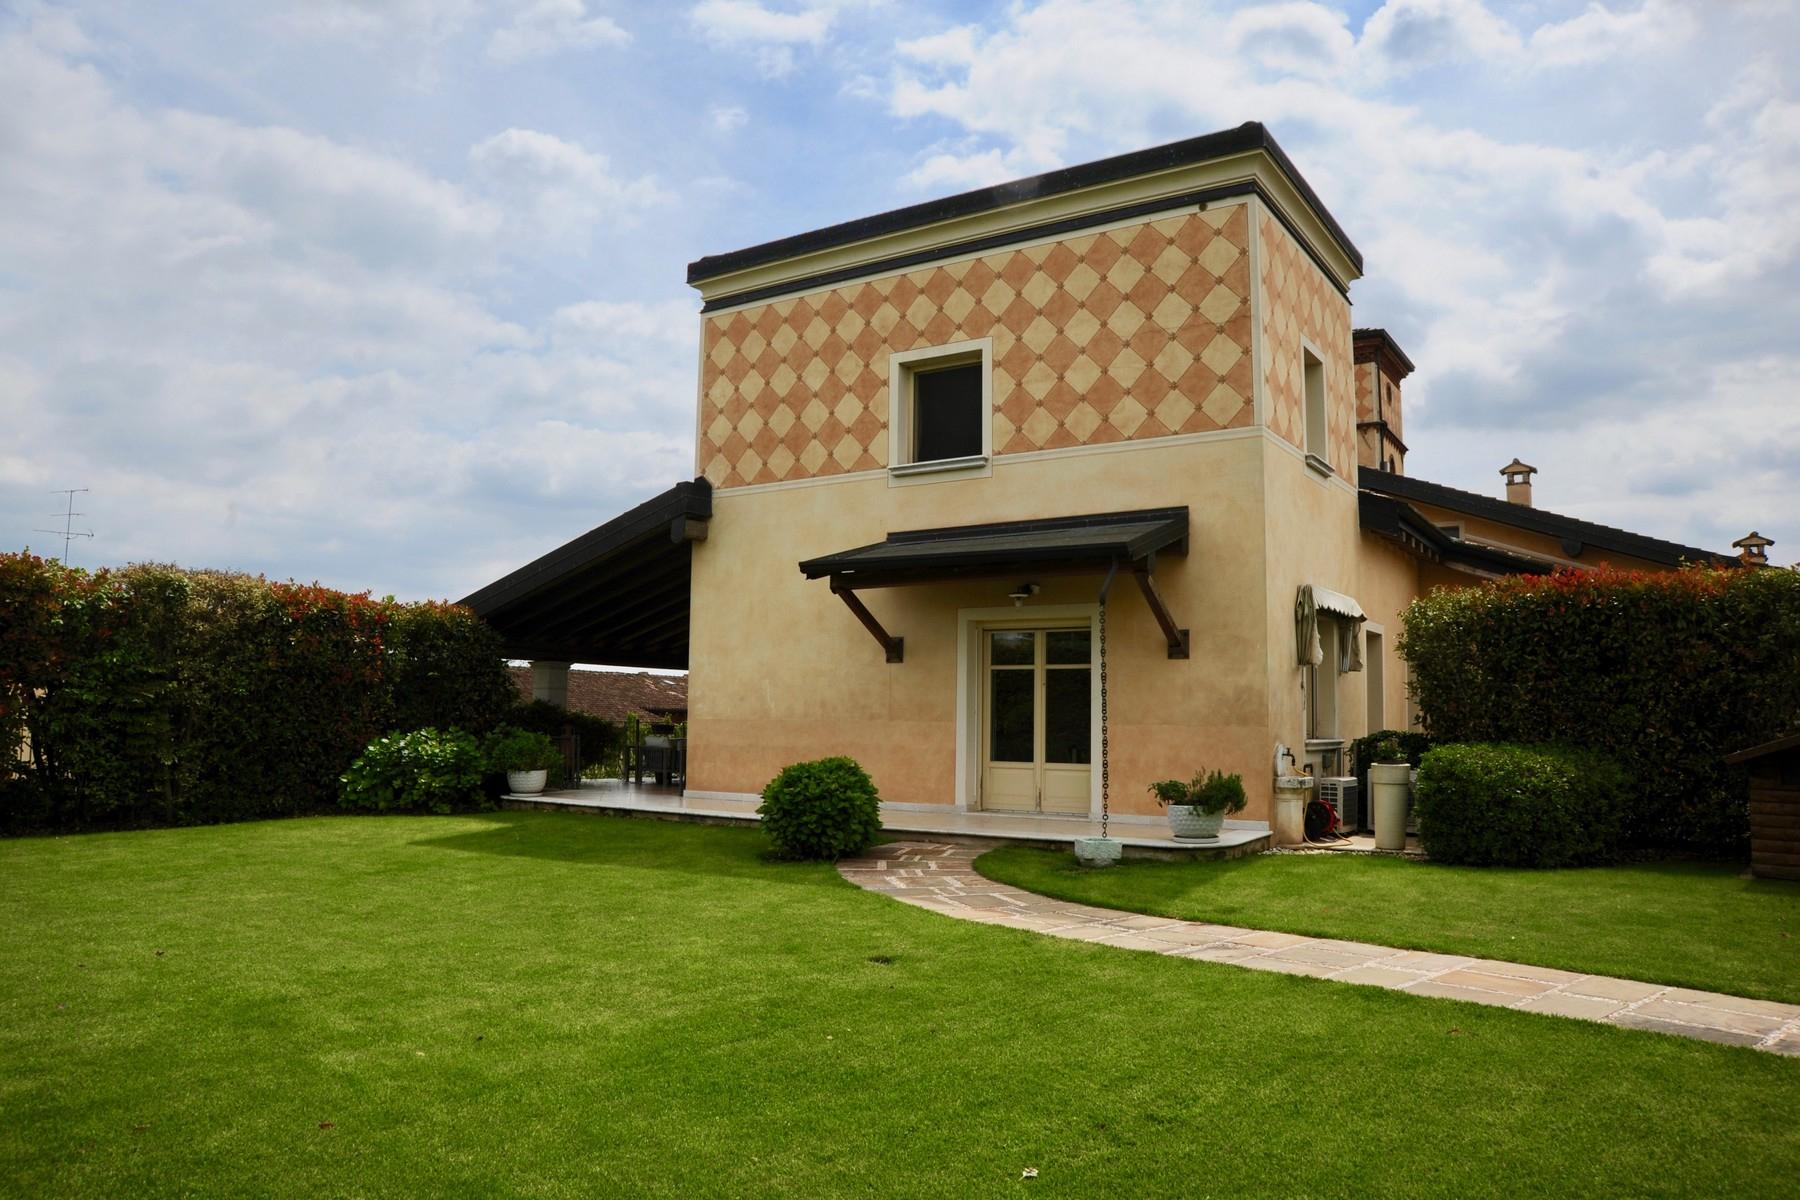 Casa indipendente in Vendita a Desenzano Del Garda: 5 locali, 300 mq - Foto 4